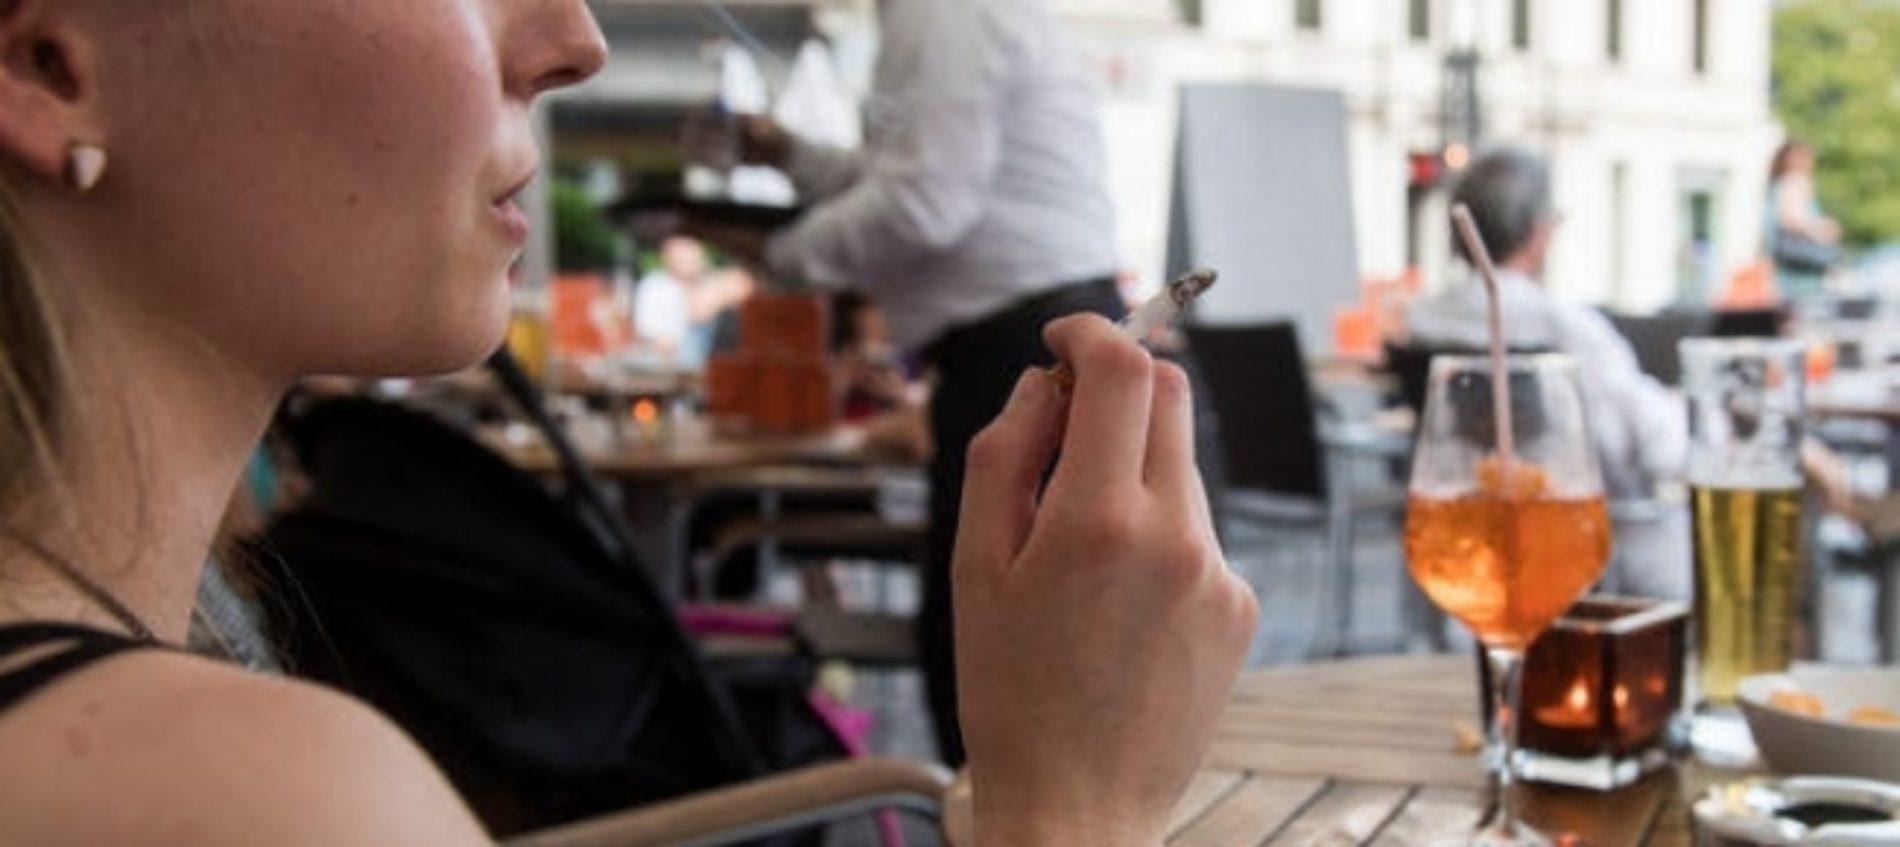 Quando il commensale accanto fuma a cena